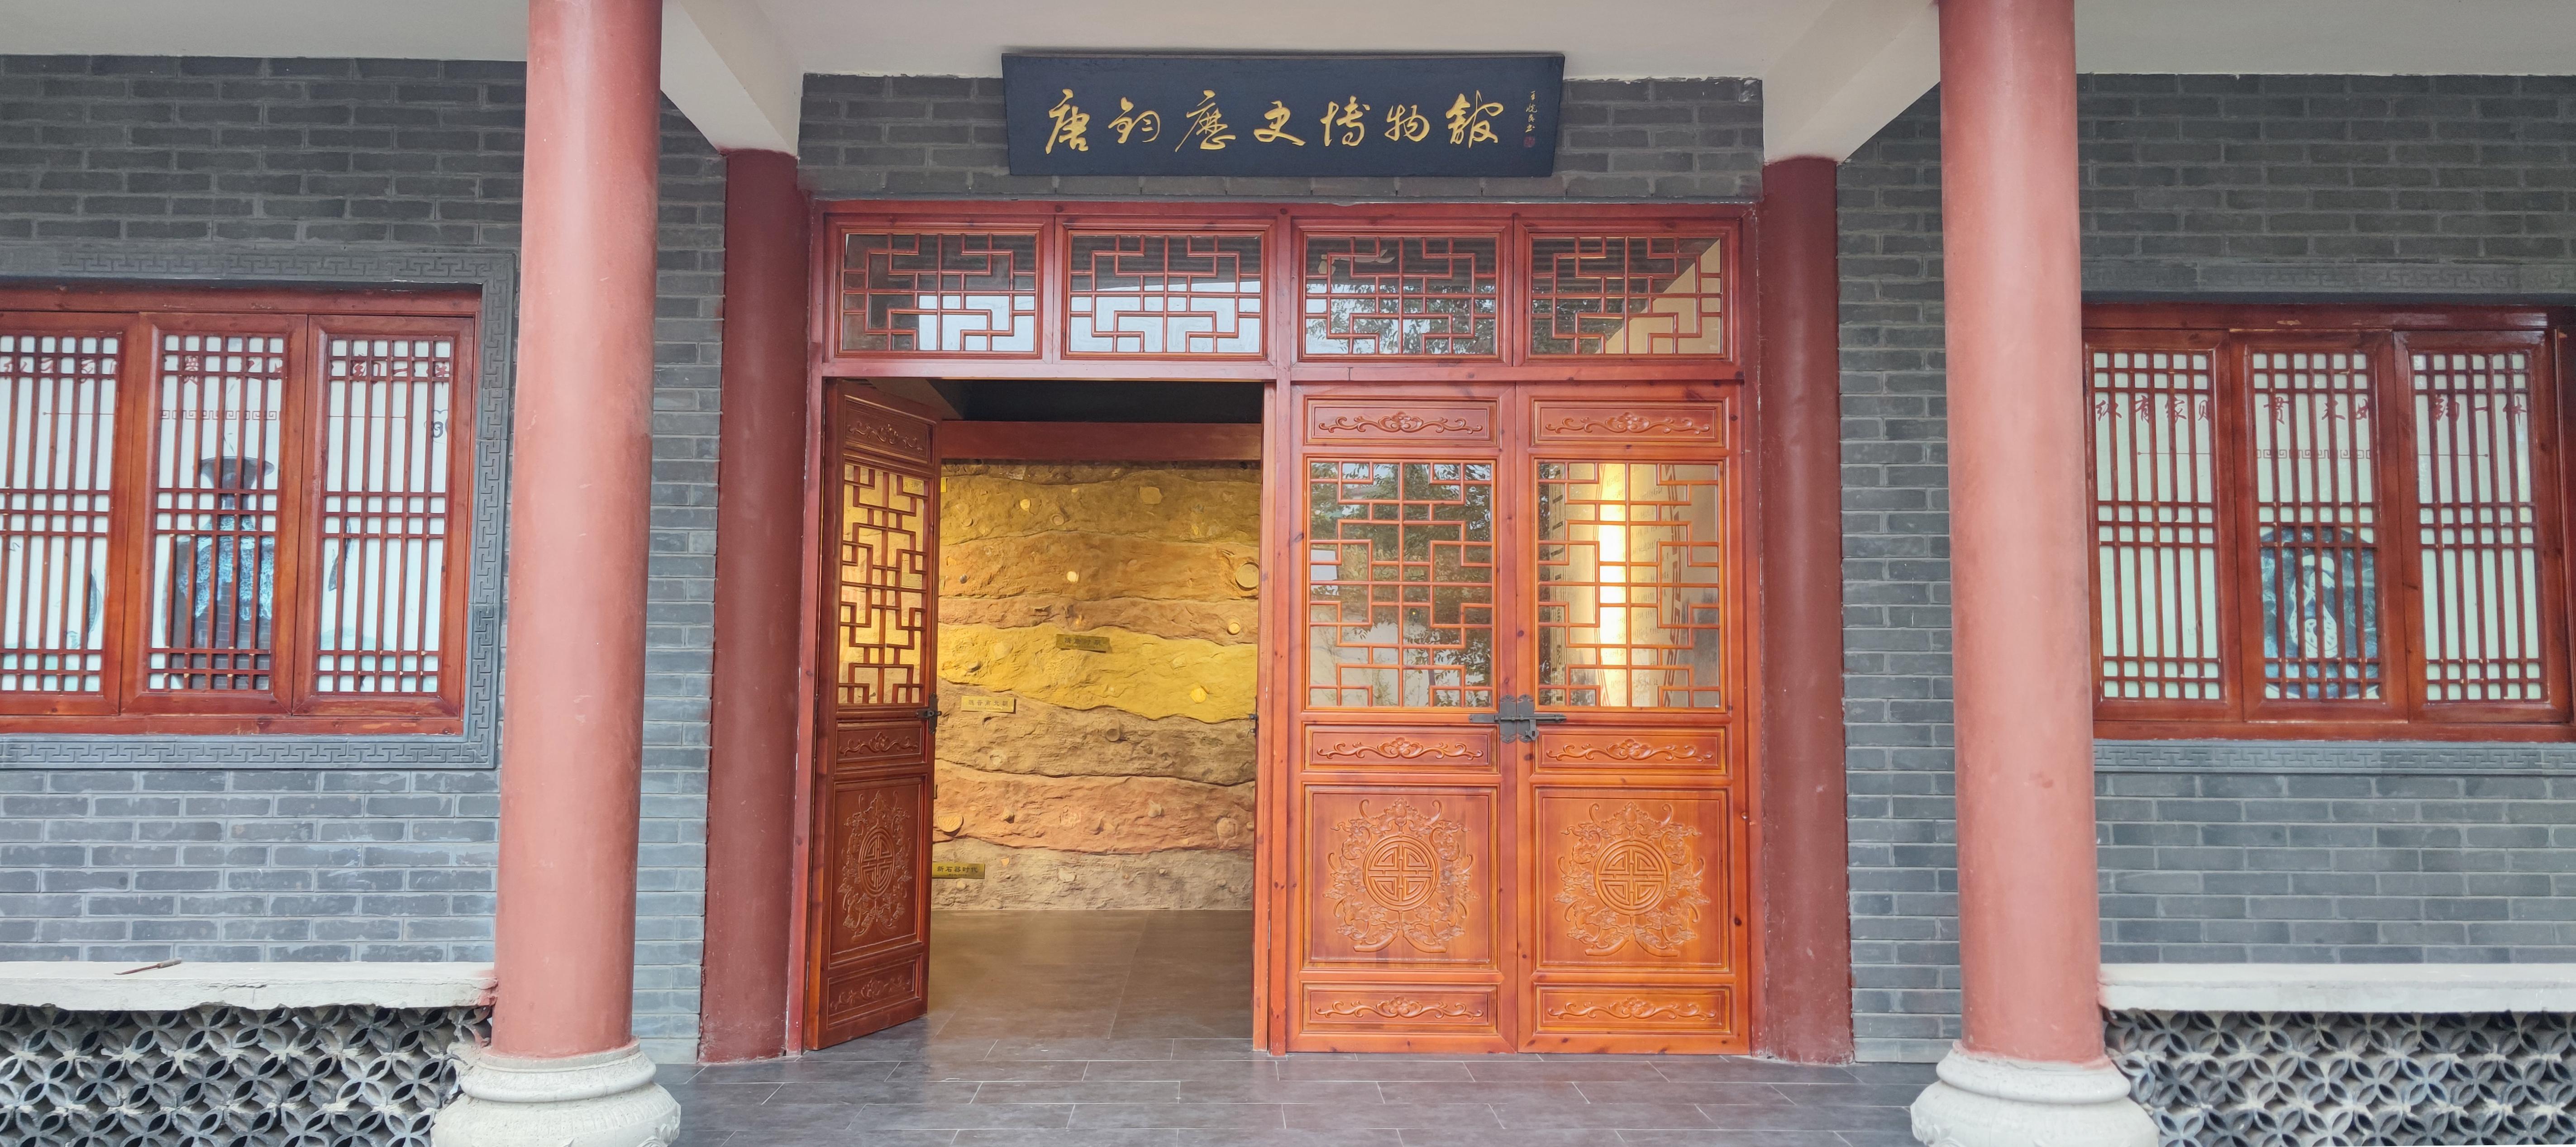 一座唐钧博物馆 见证唐钧发展史